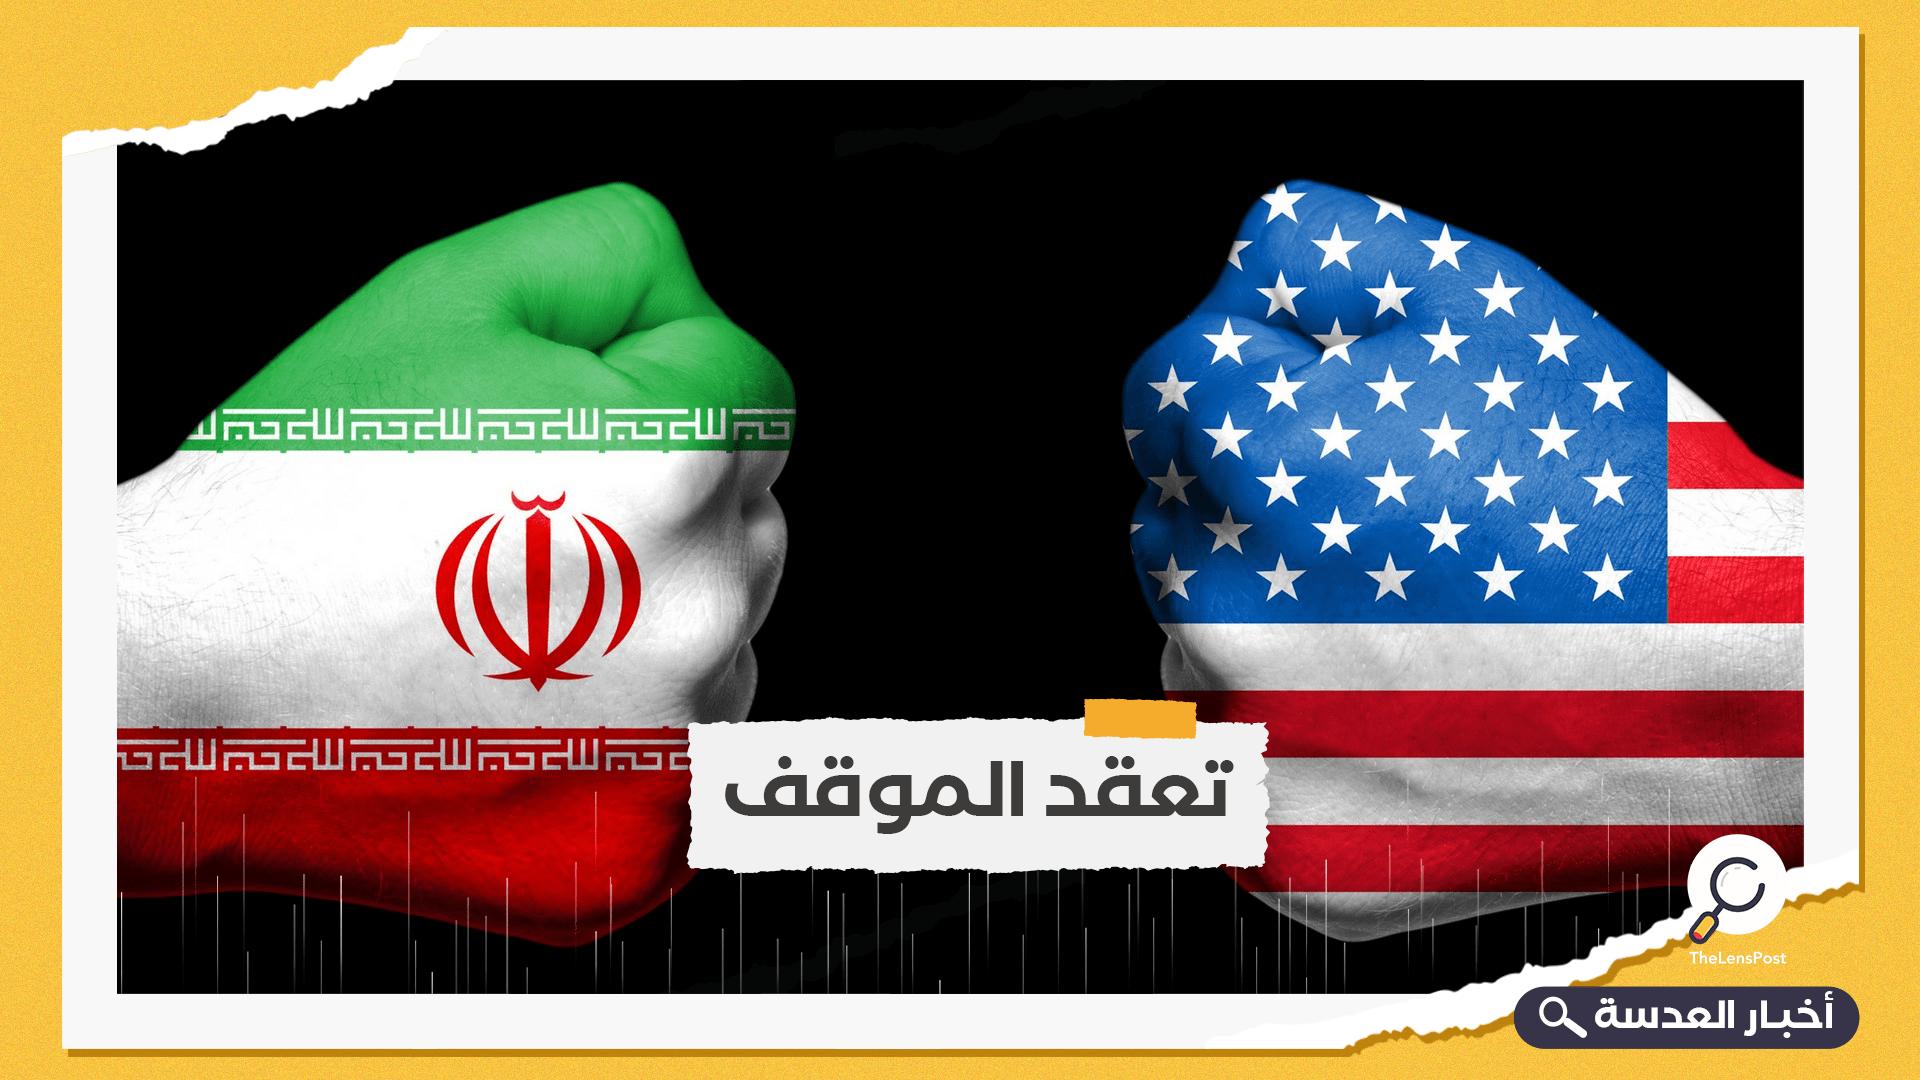 واشنطن: لم نتواصل مع إيران ومن المبكر جداً الموافقة على الوساطة الأوروبية ( تعقد الموقف )